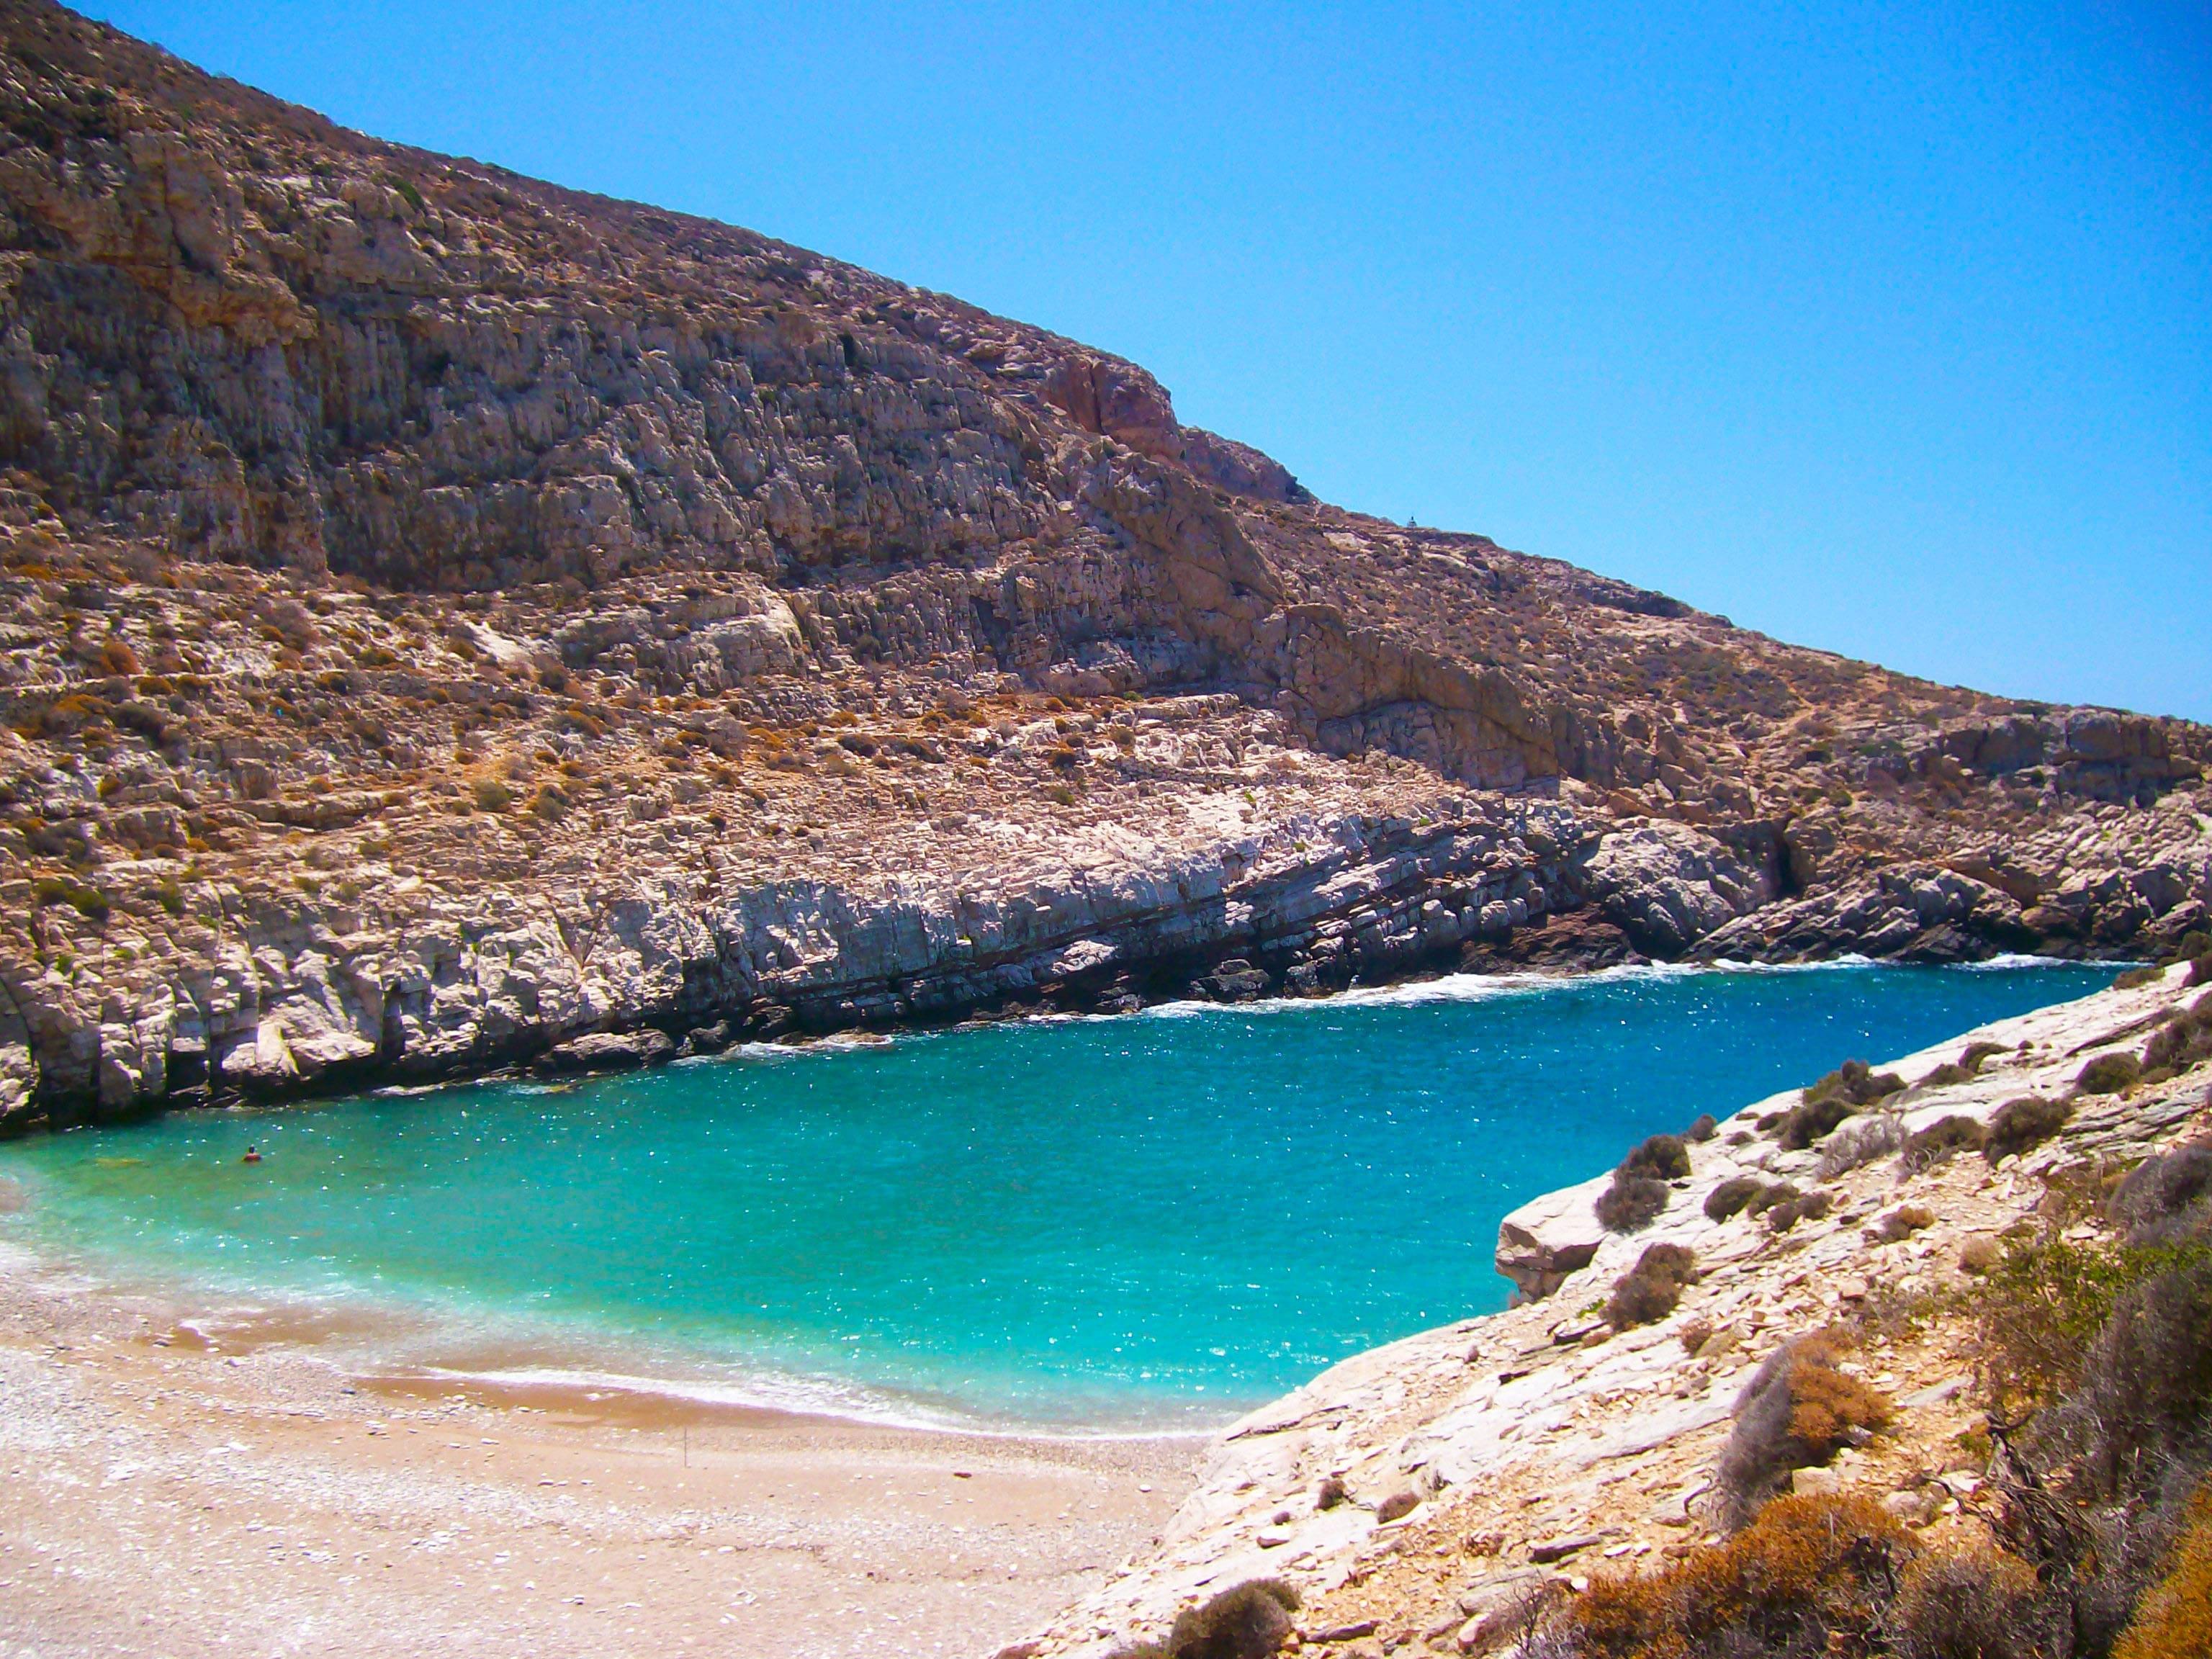 la plage de Livadaki près d'Ano Méria sur l'île grecque méconnue de Folégandros dans les Cyclades en Grèce